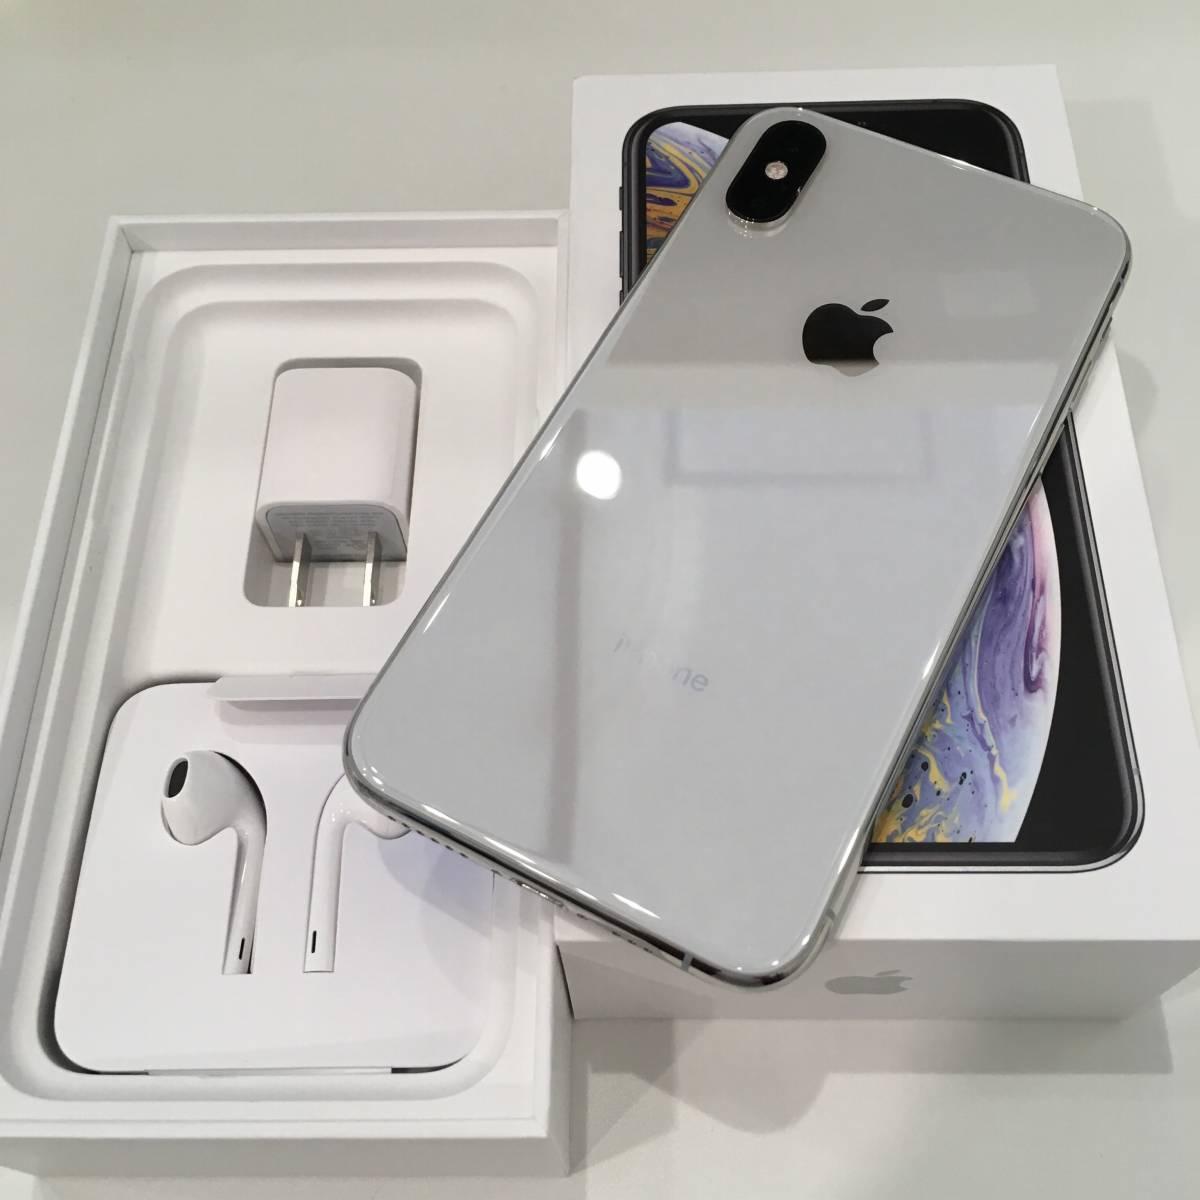 【中古 美品】SIMロック解除済 docomo iPhone XS 256GB シルバー 利用制限前〇 MTE12J/A iOS Ver12.1.4 バッテリー最大容量100%_画像2